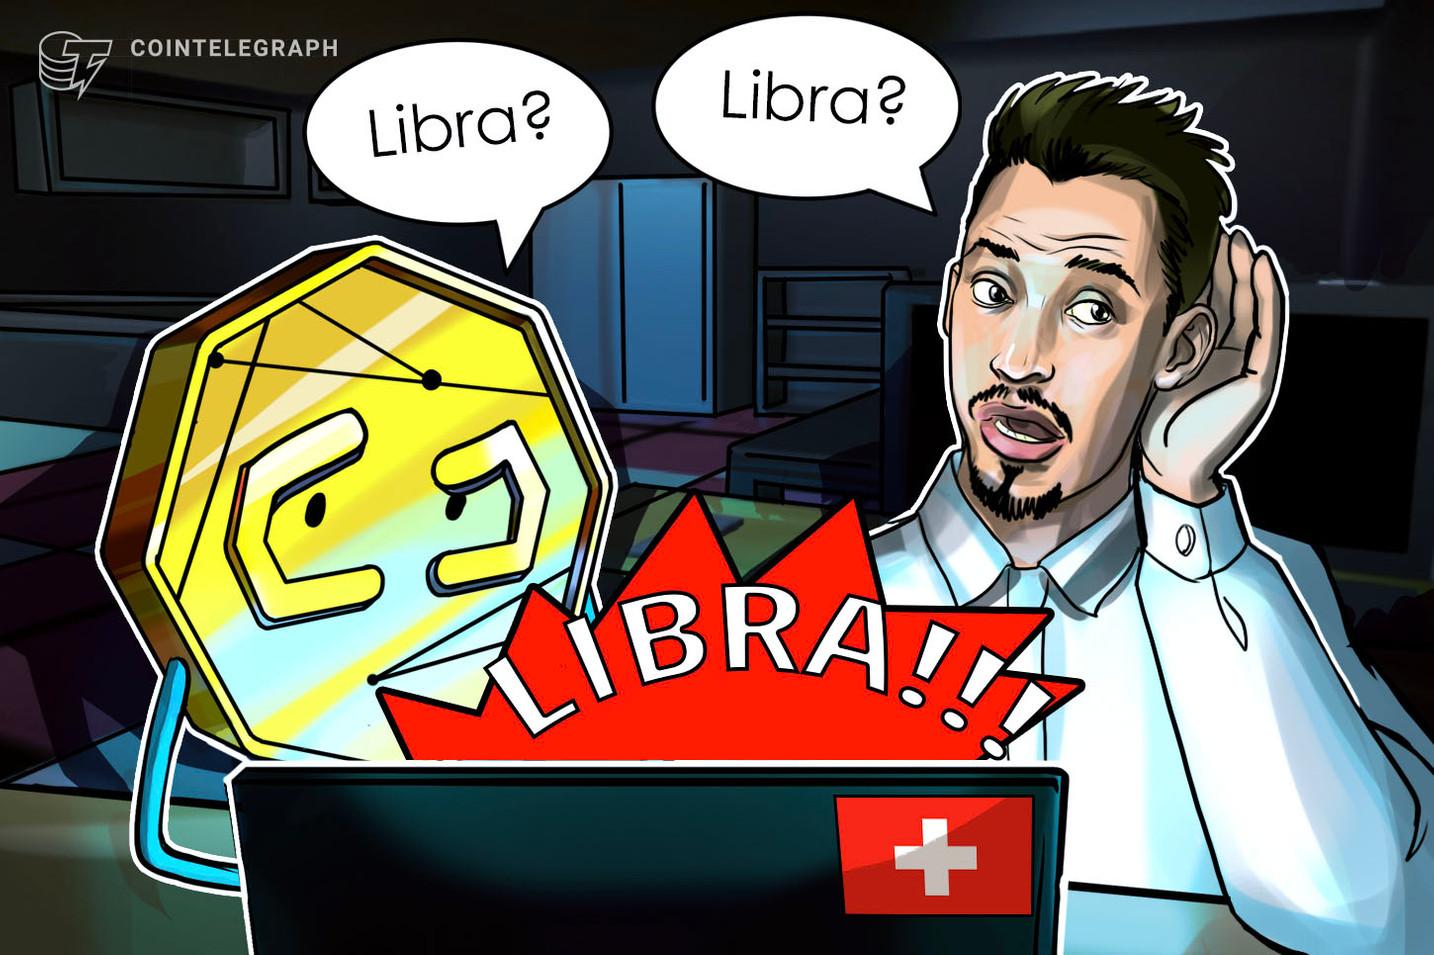 CNBC: Facebook no se ha puesto en contacto con los organismos reguladores suizos sobre el registro de Libra